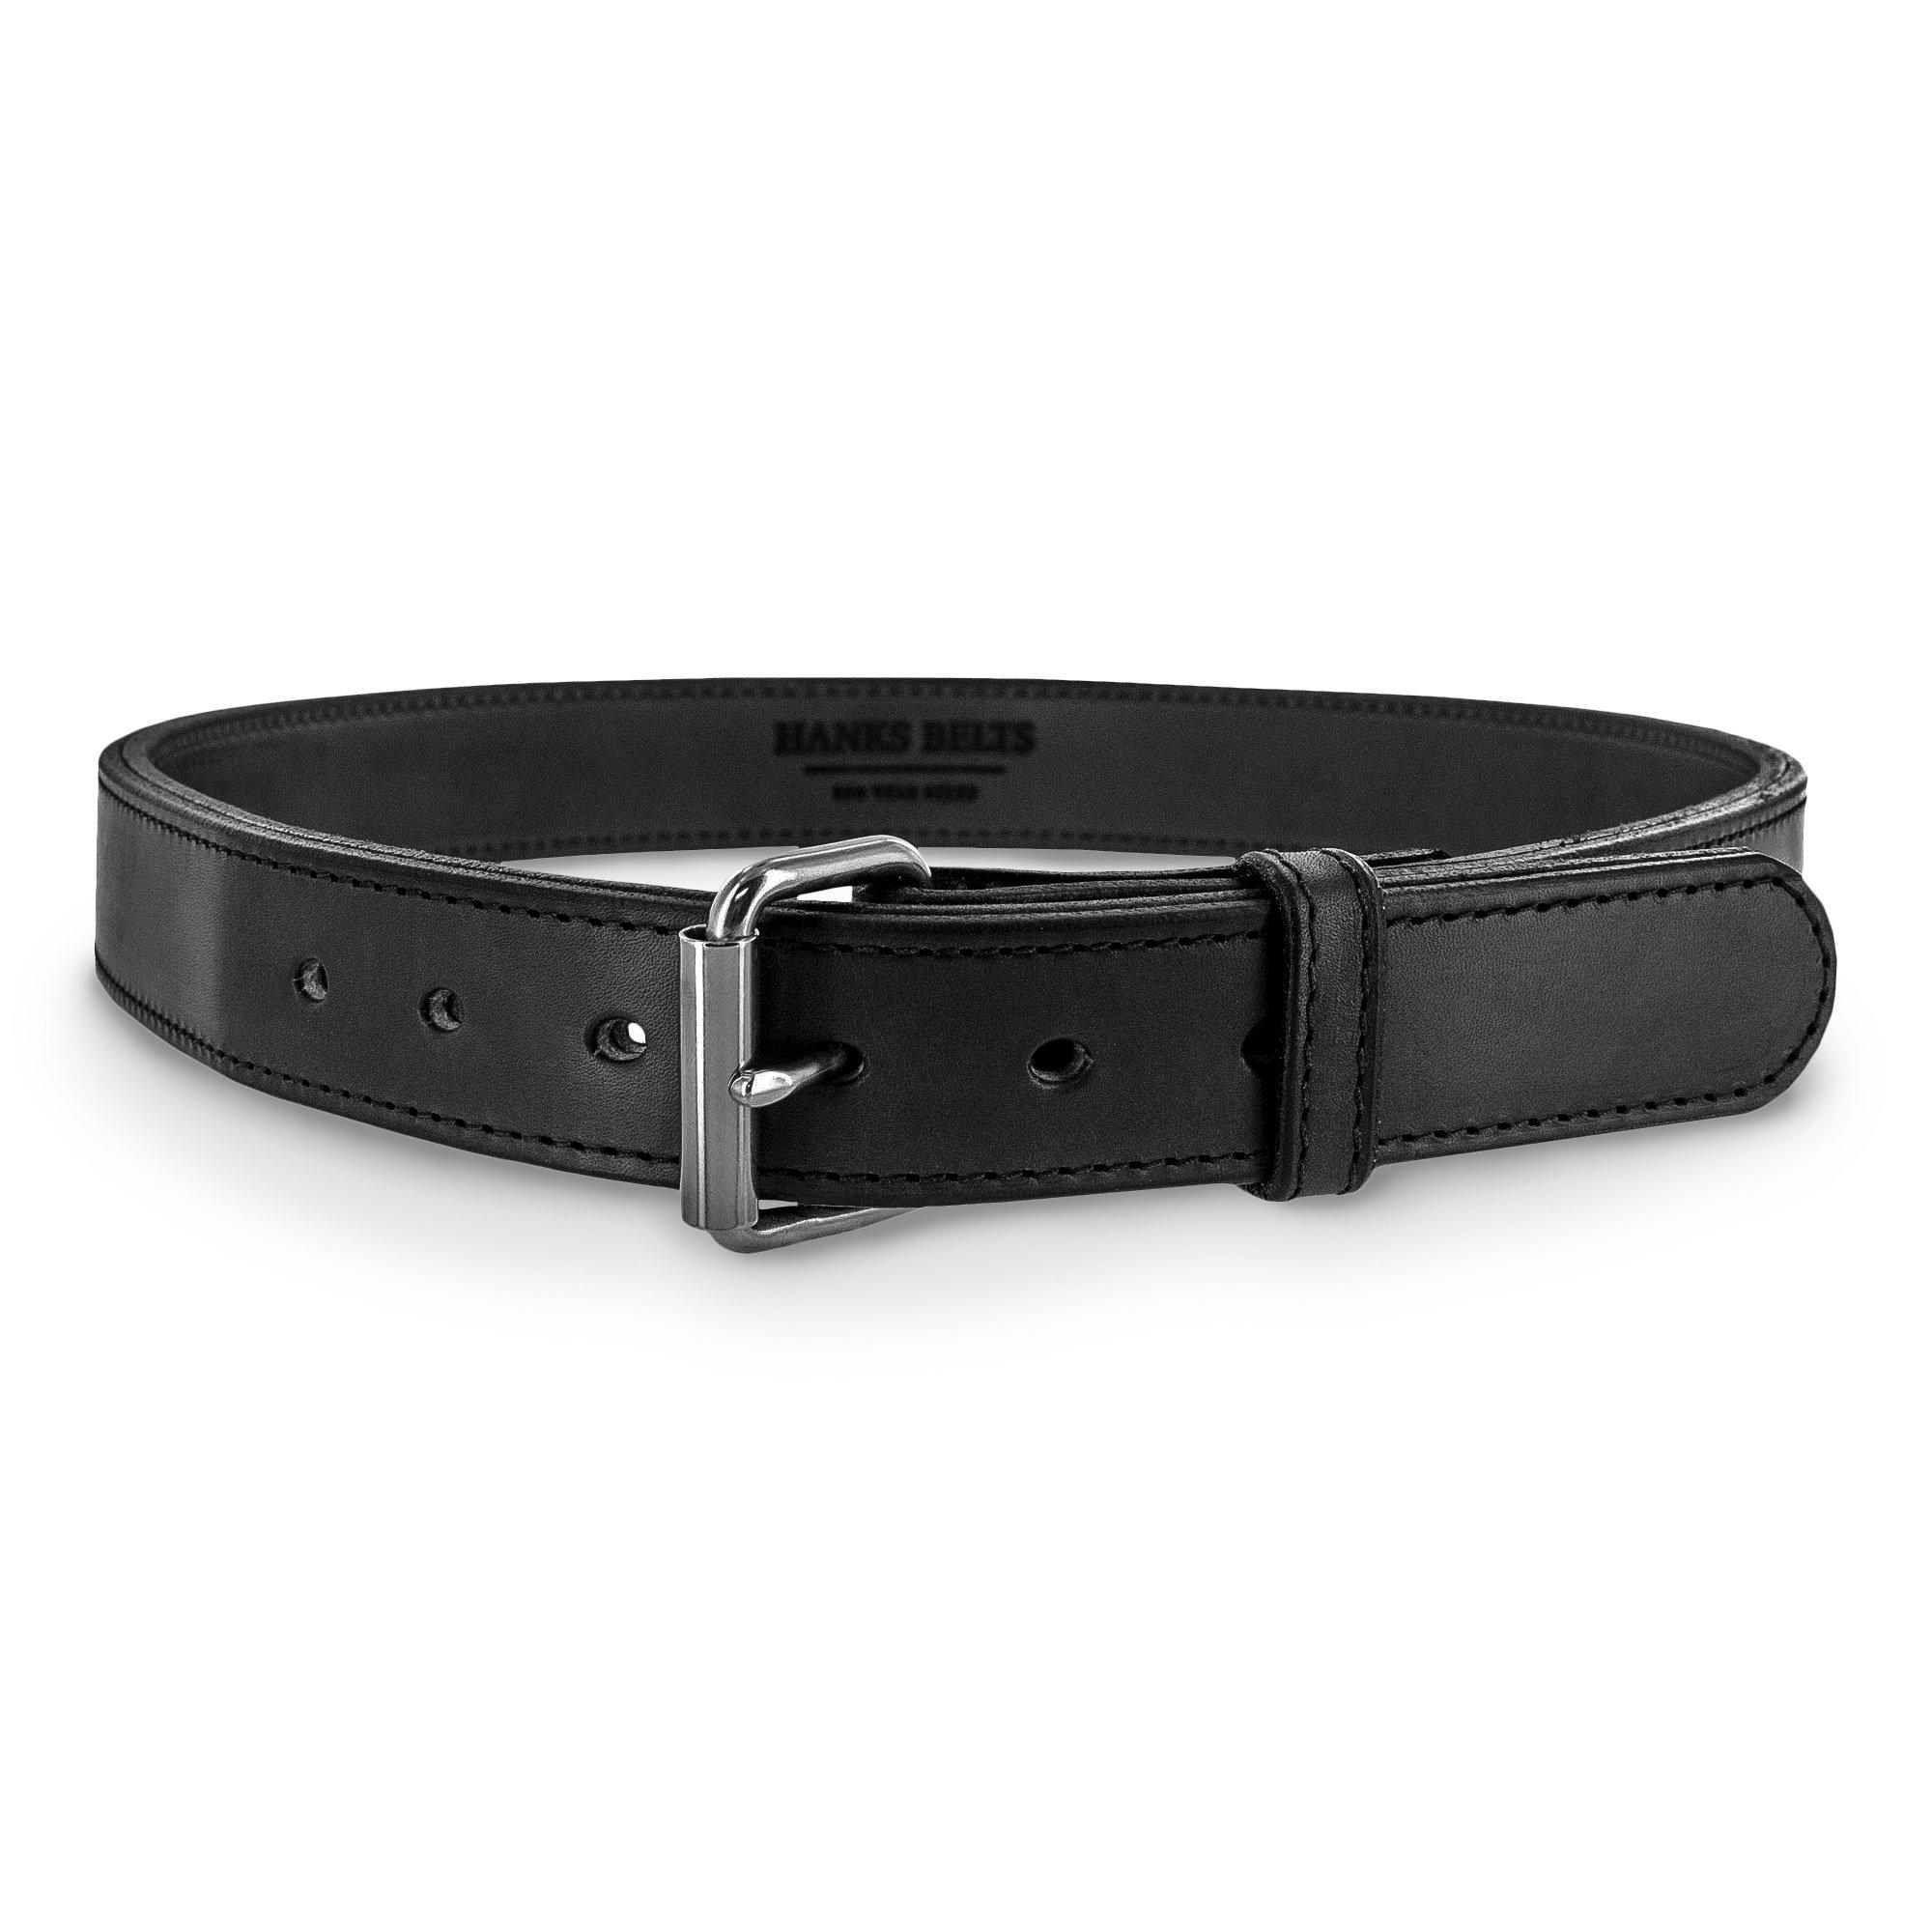 Hanks ACH104 Steel Core Belt - 1.5'' - Black - Size 44 by Hanks Belts